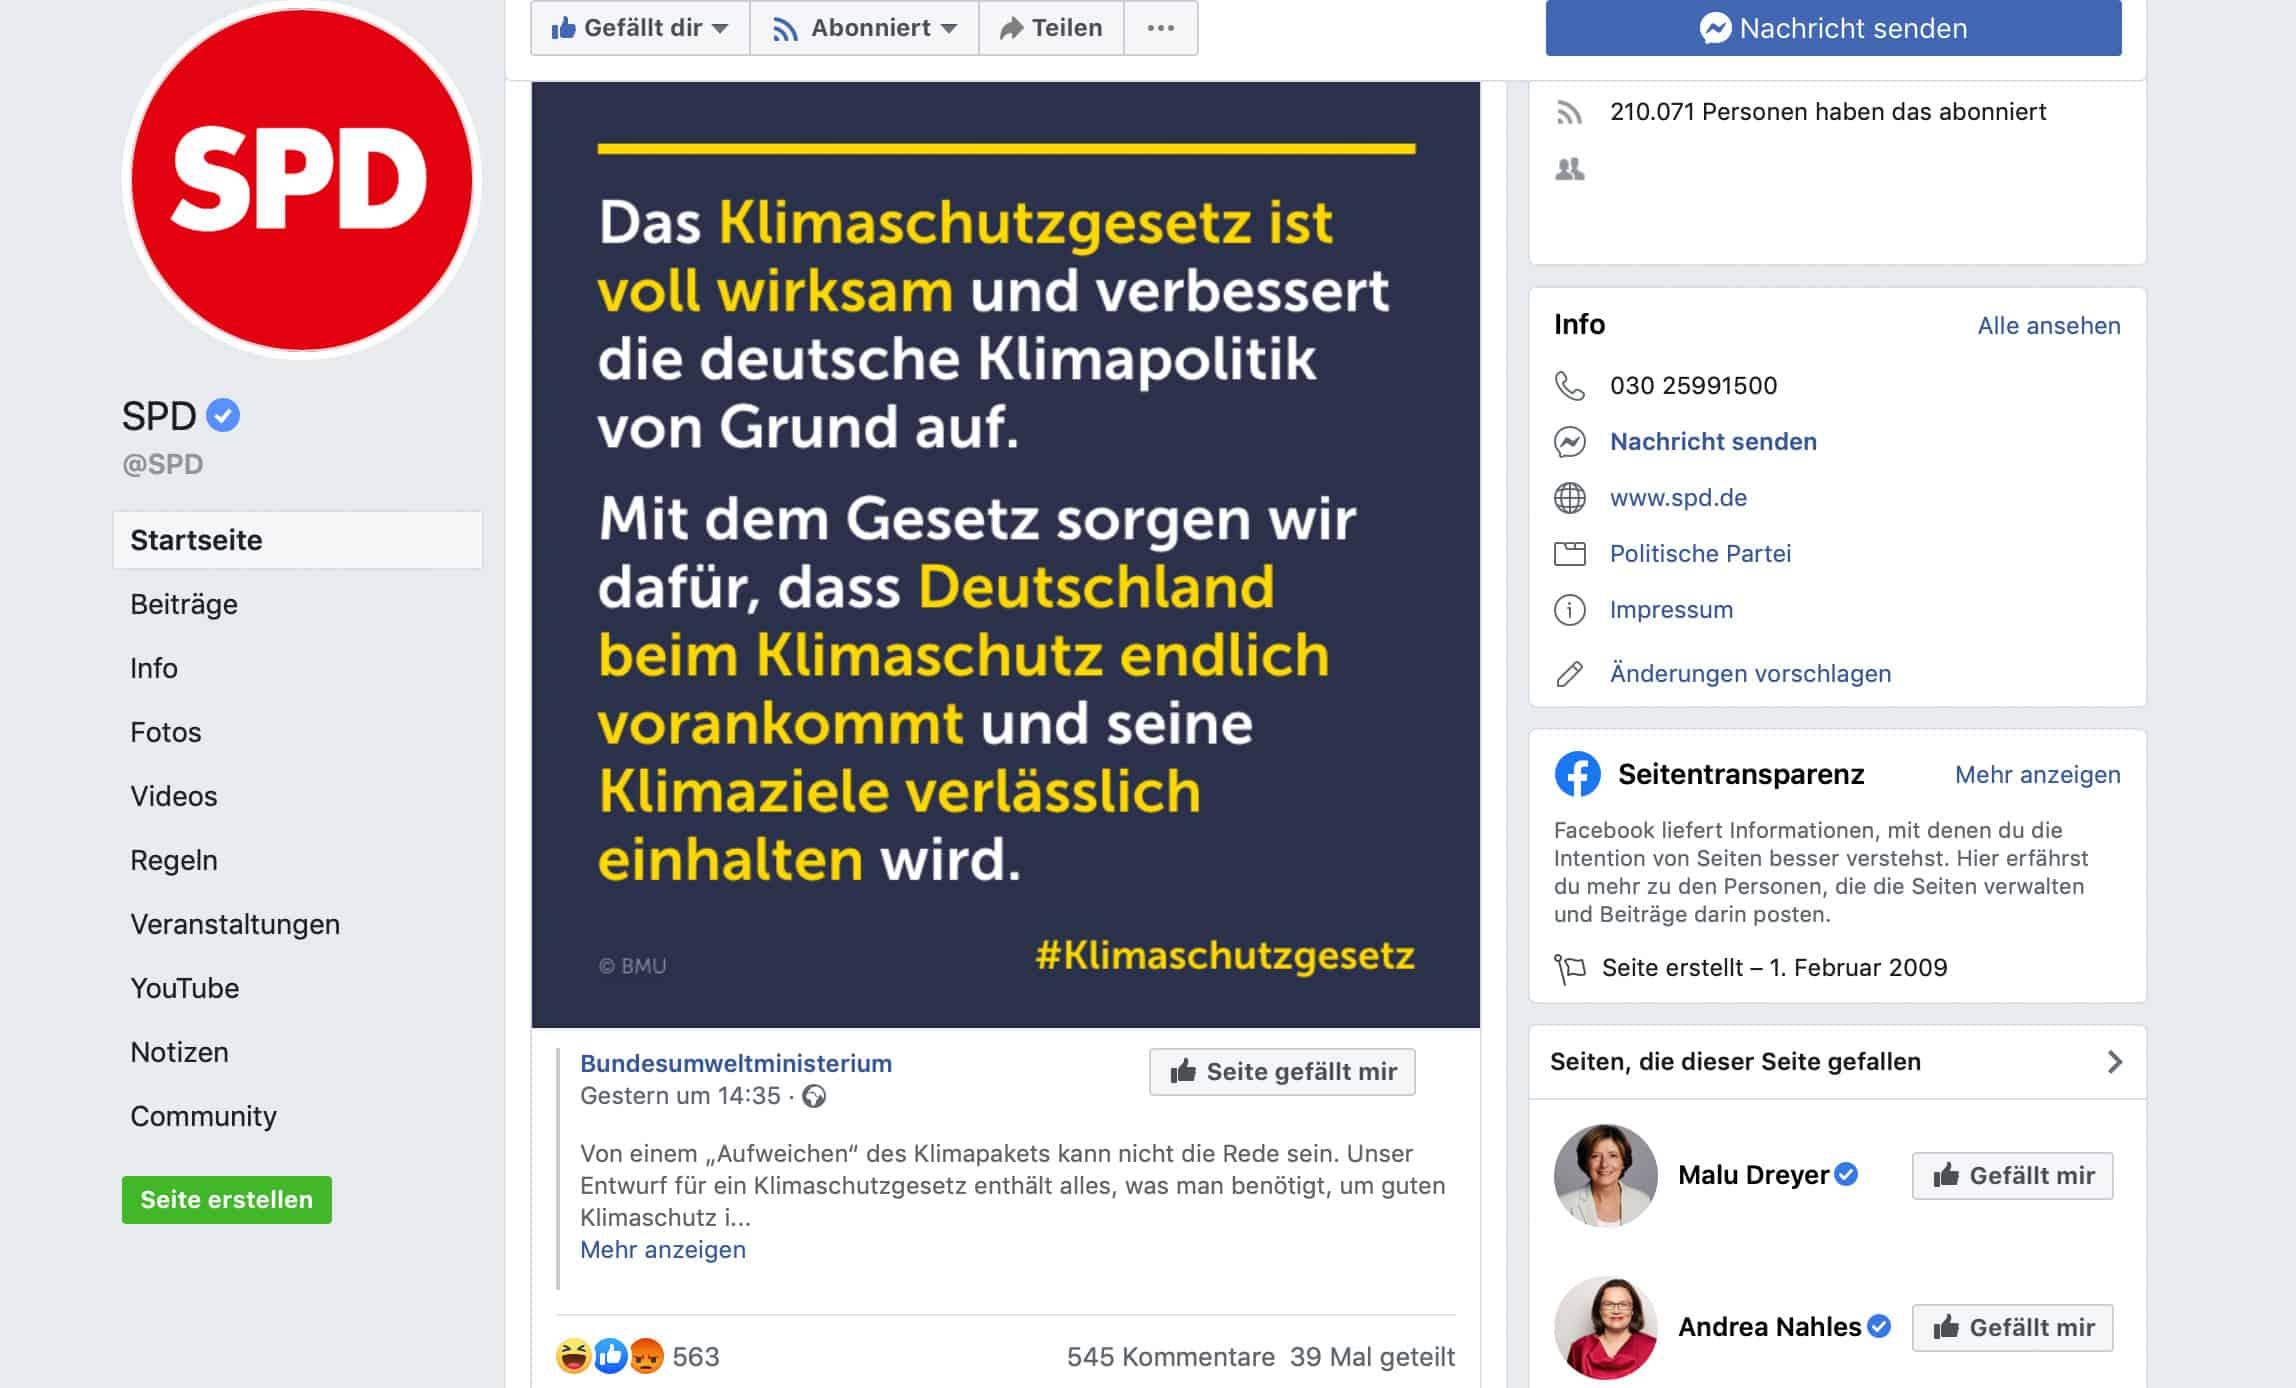 SPD auf der Suche nach Intelligenz